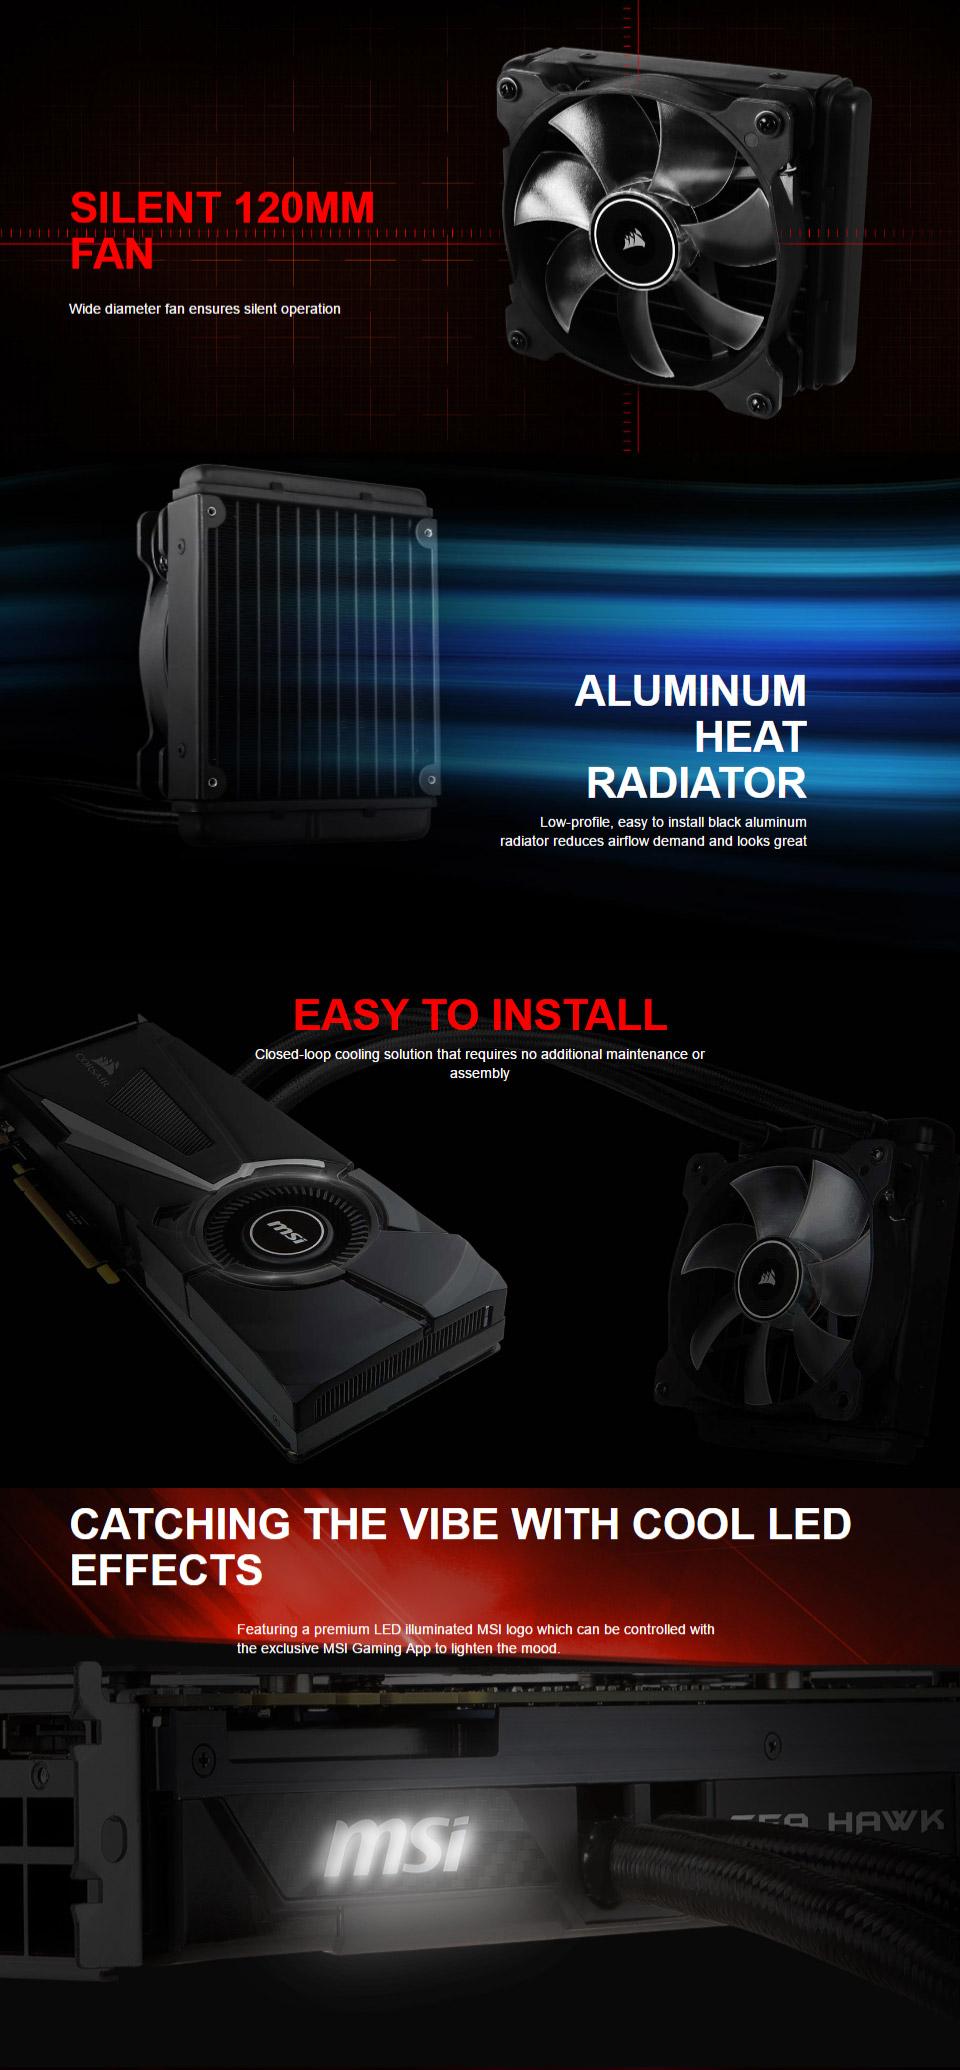 MSI GeForce GTX 1080 Sea Hawk X 8GB [MSI-GTX1080-SEA-HAWK-X] : PC